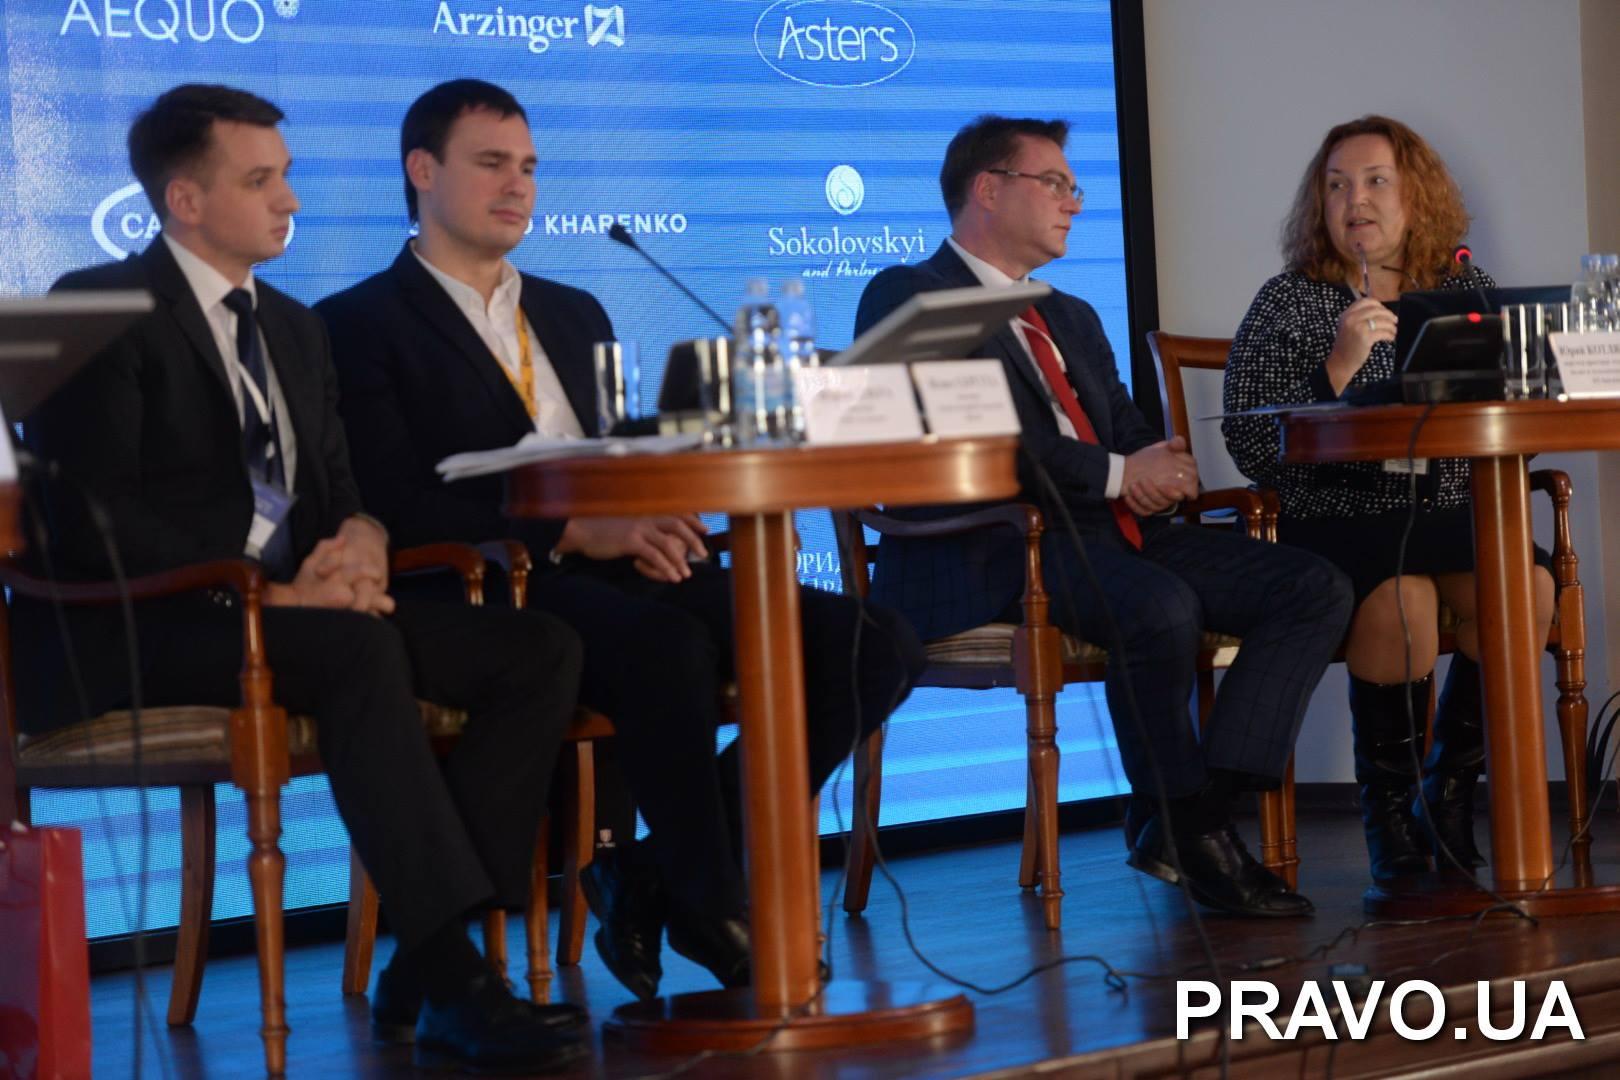 Тетяна Попова та II TMT Legal Forum: про Правила, Методики, регулярні крадіжки телеком-обладнання та інші бар'єри, що стримують розвиток індустрії